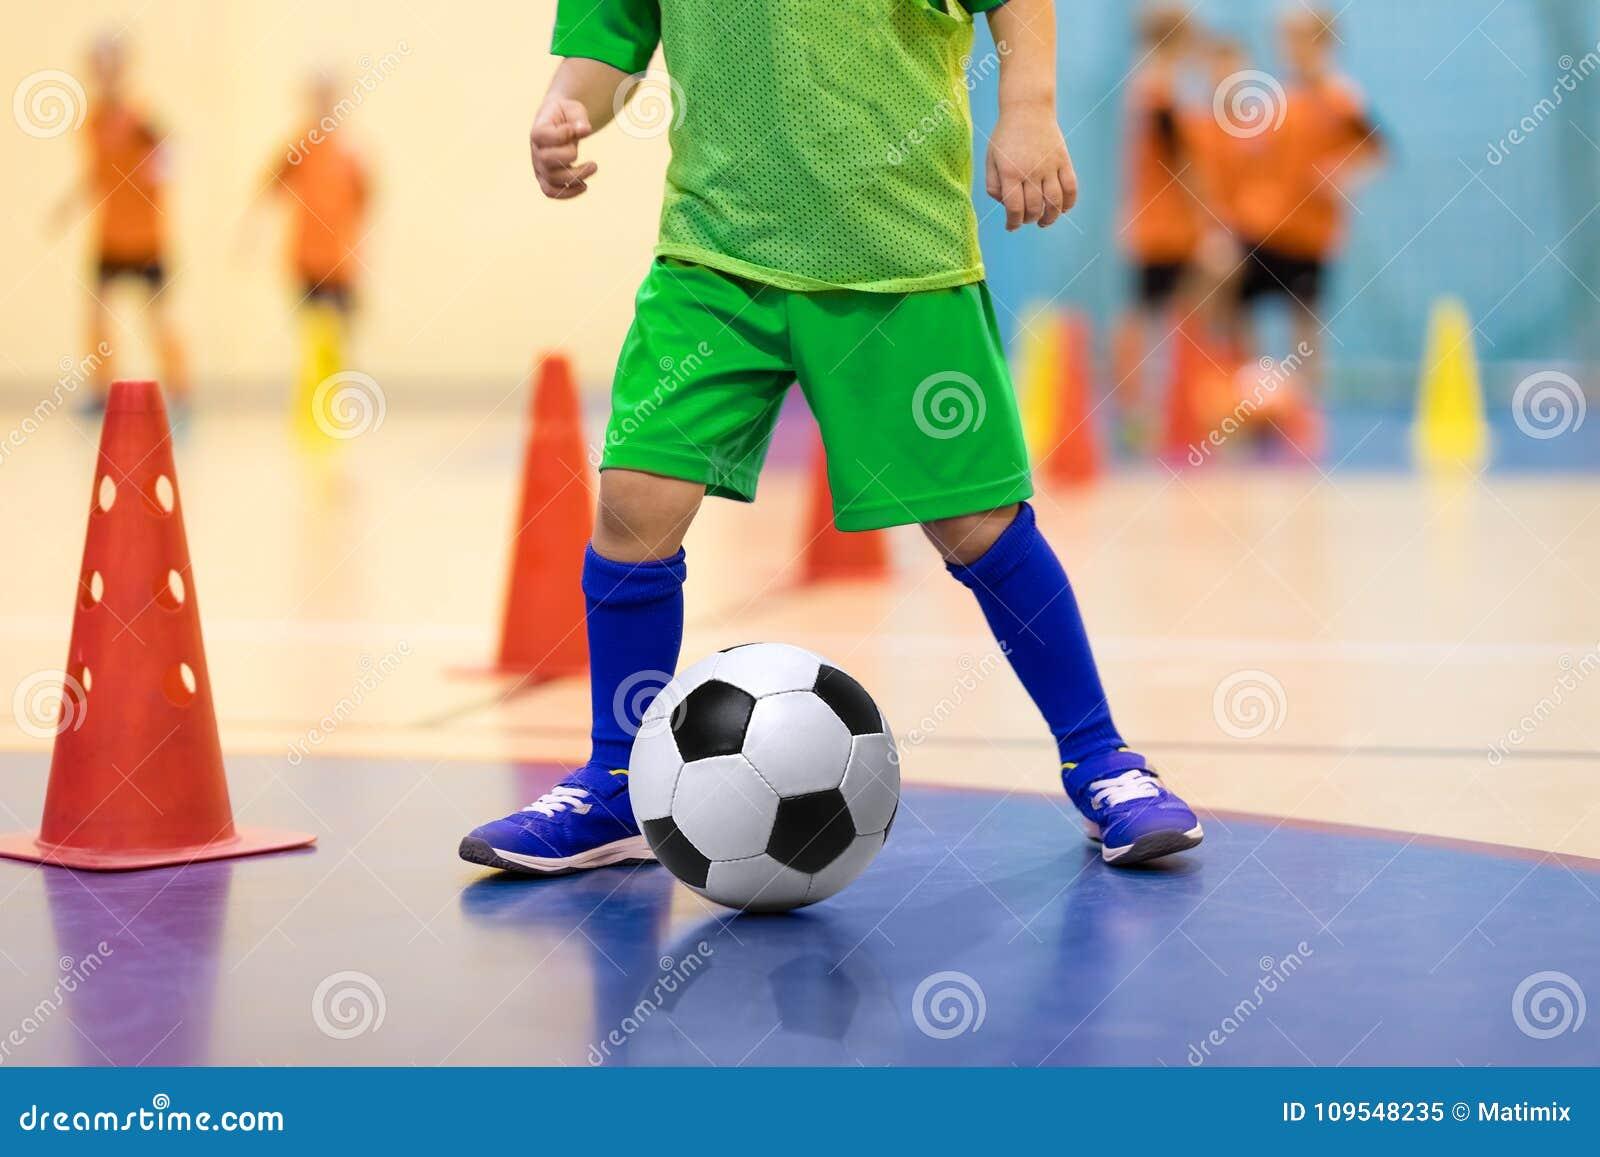 Игрок крытого футбола молодой с футбольным мячом в зале спорт Игрок в зеленой форме Предпосылка спорта